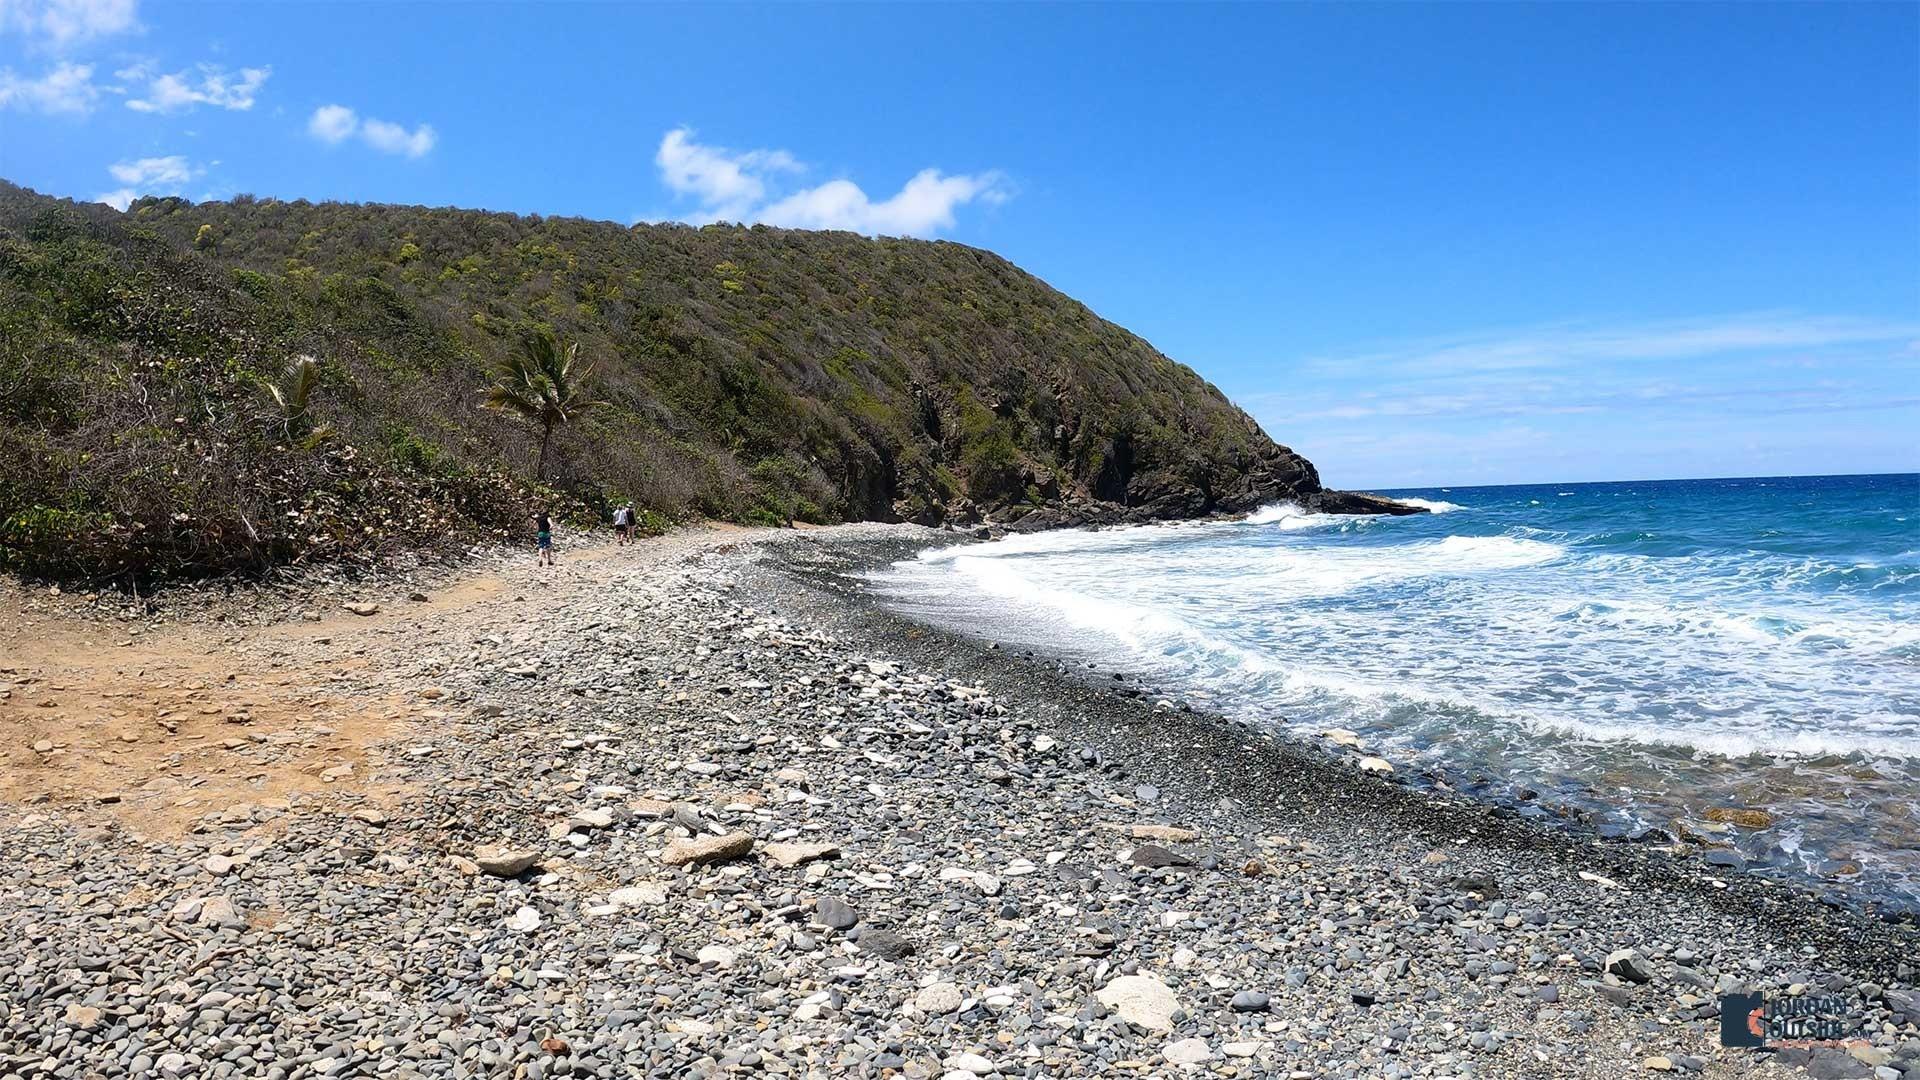 Annaly Bay Beach